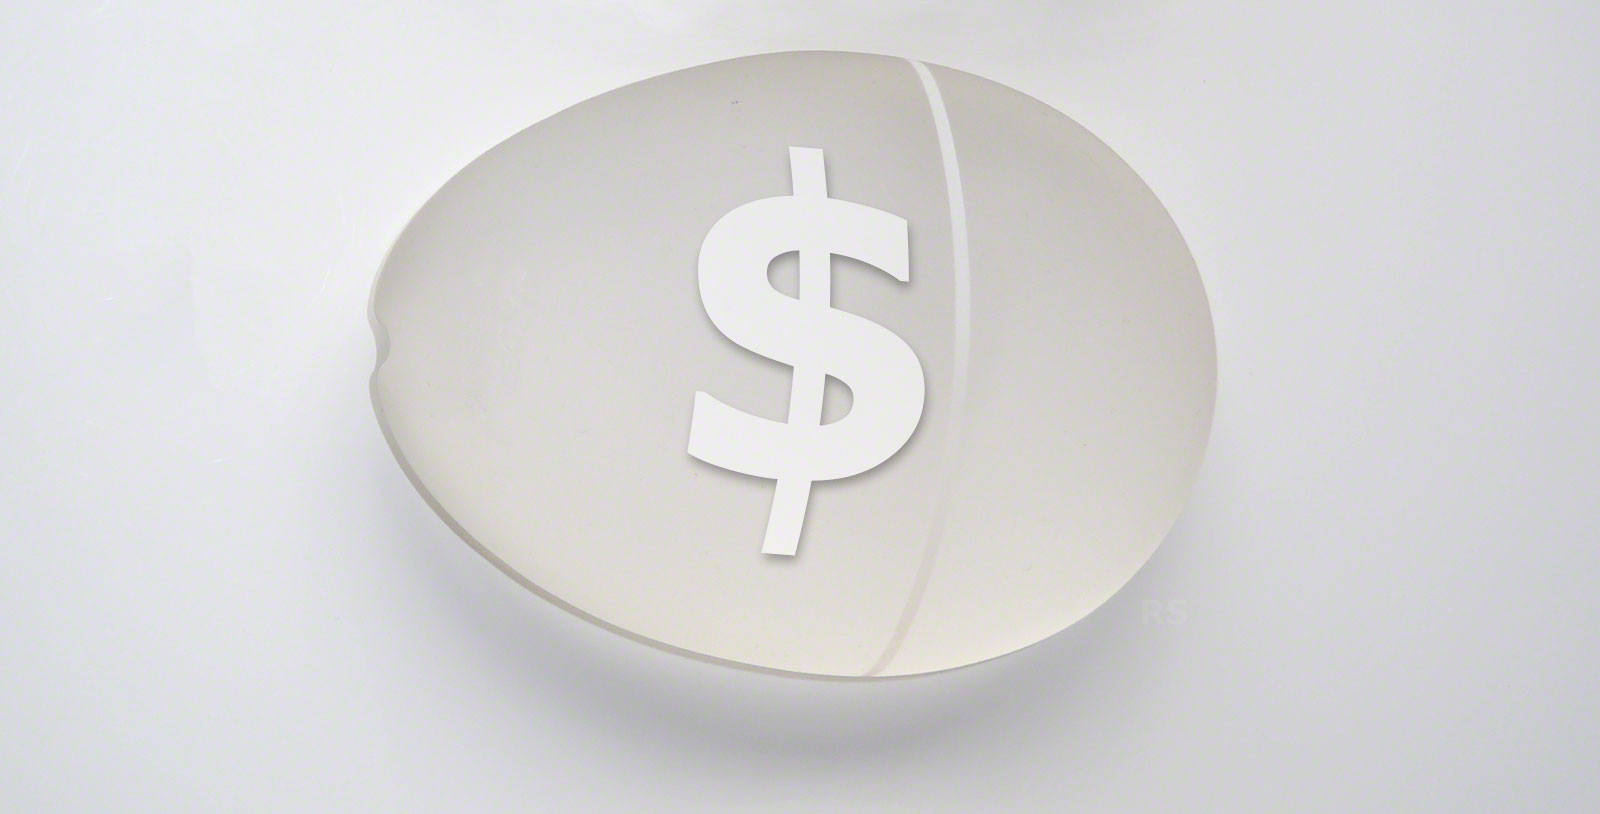 Poimplantate Kosten Gesäßimplantate